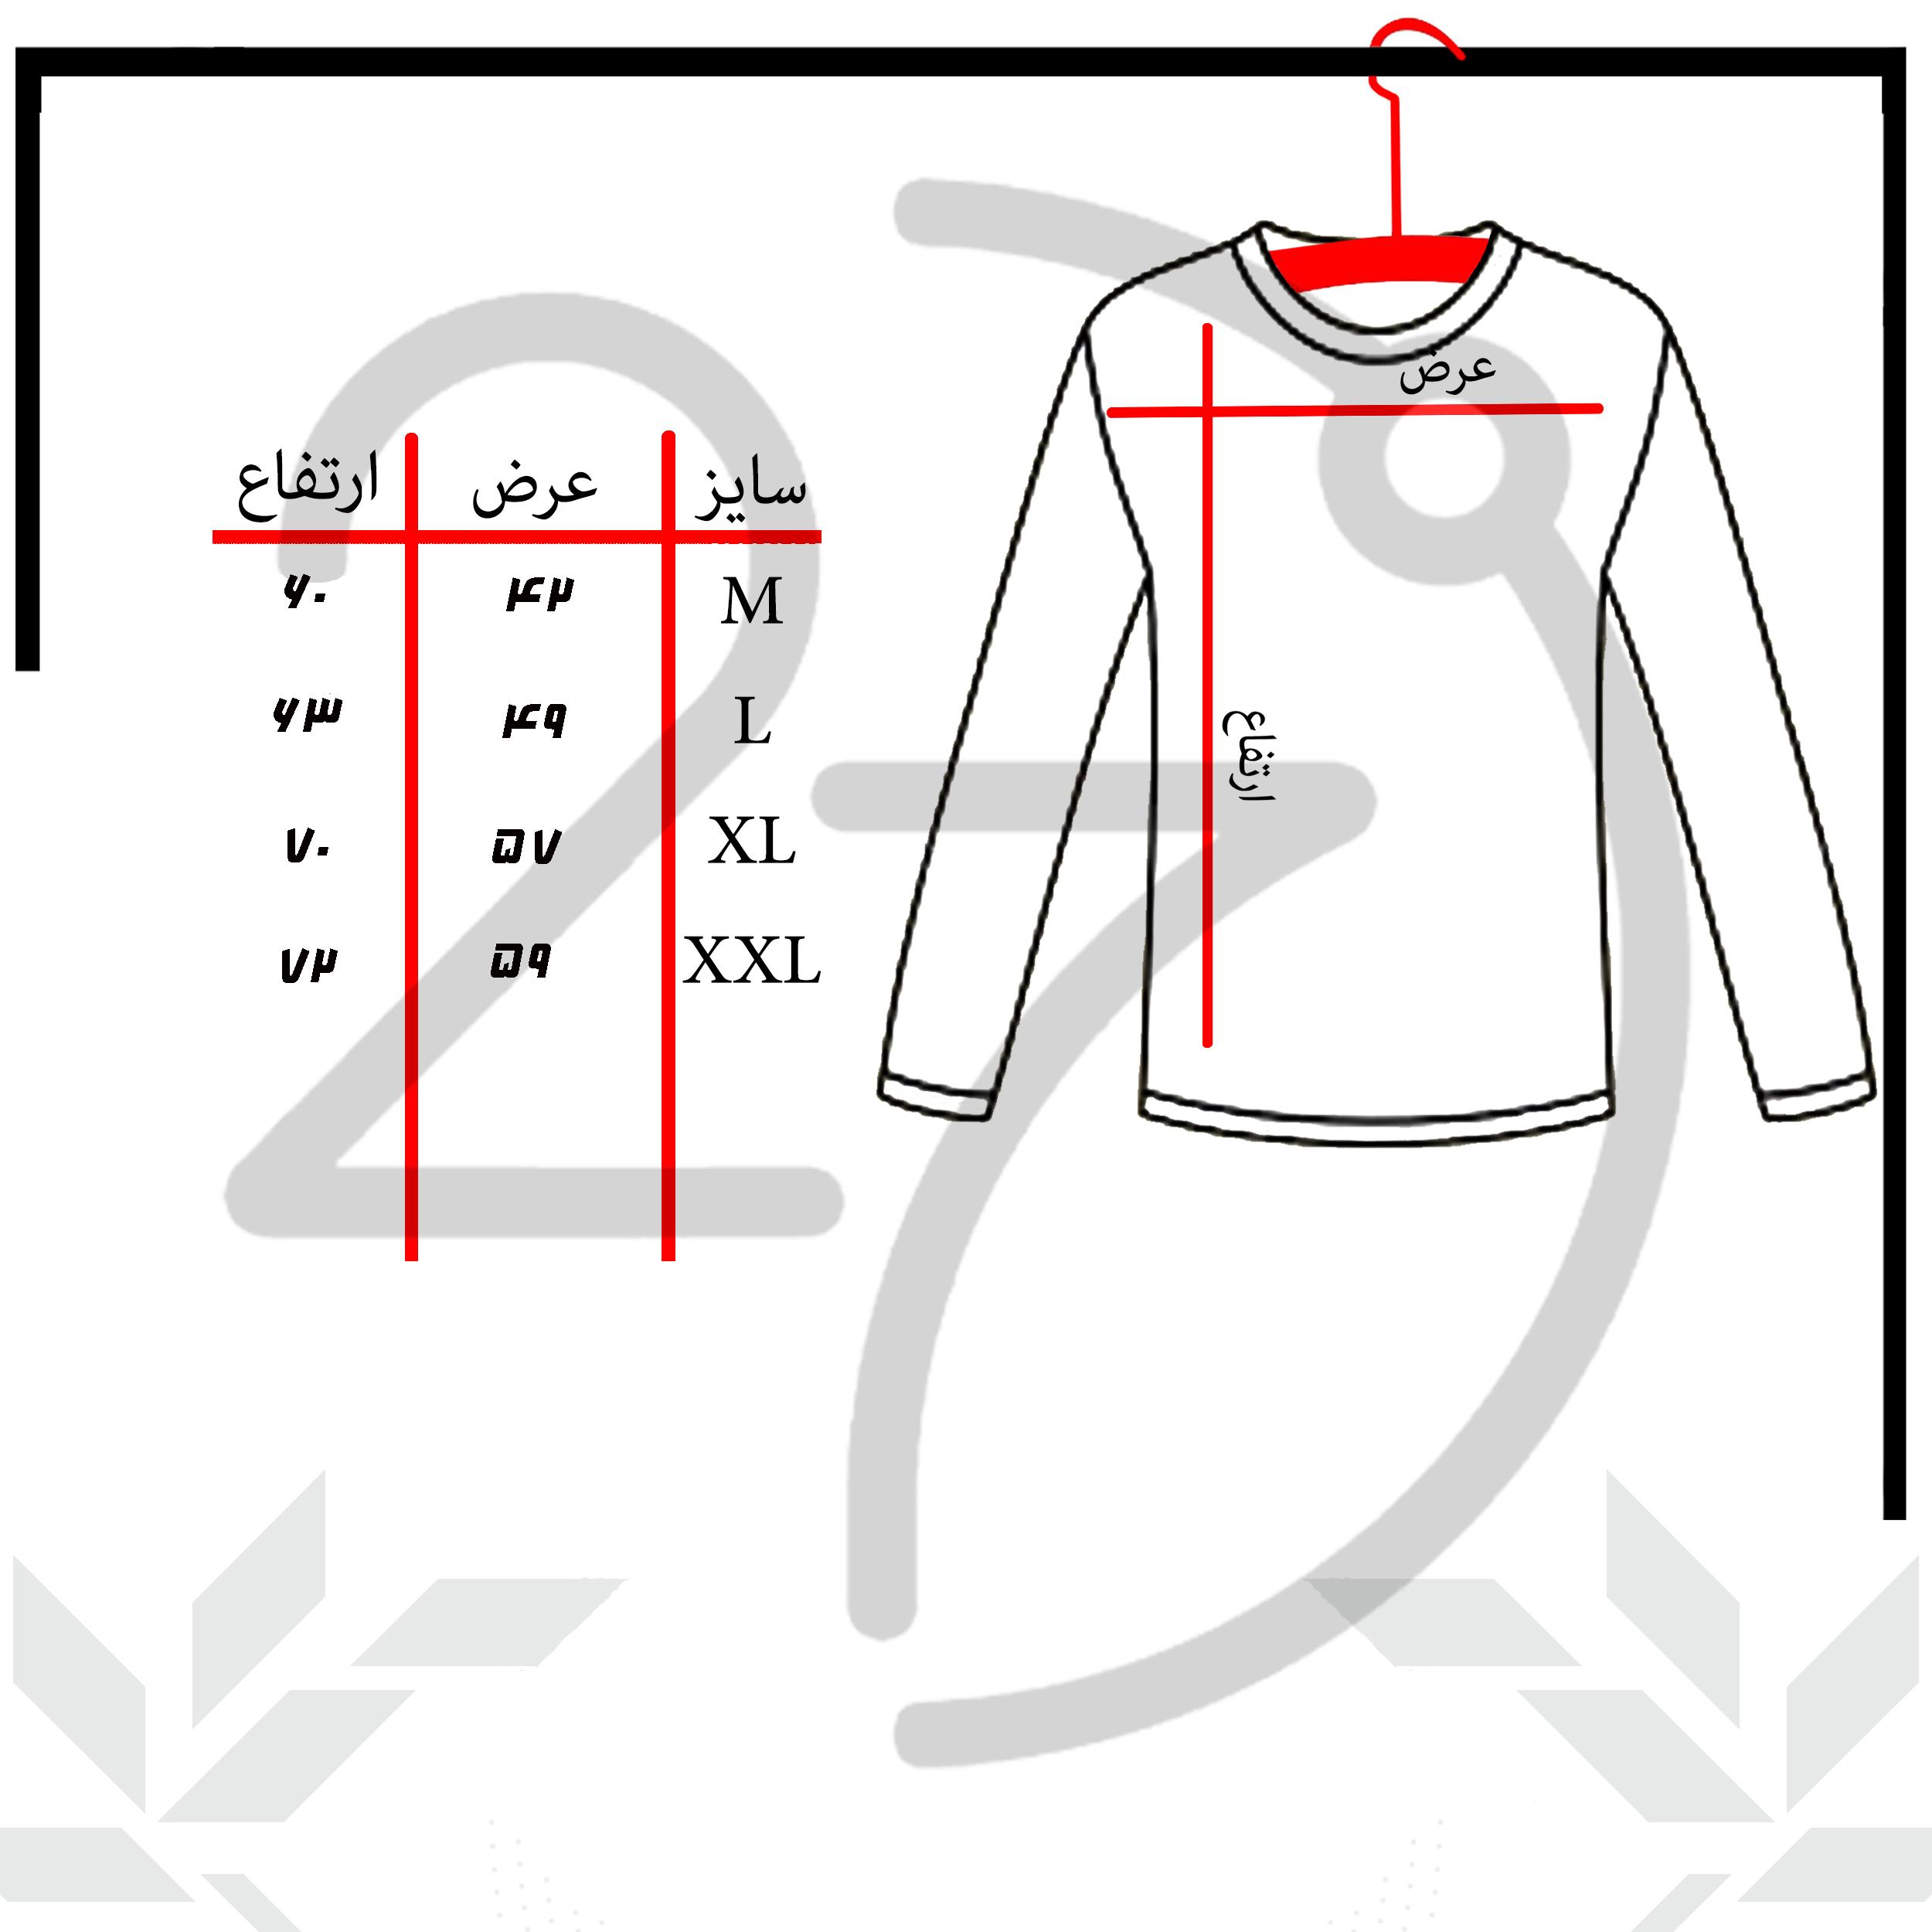 تی شرت آستین بلند زنانه 27 مدل خرگوش کد B121